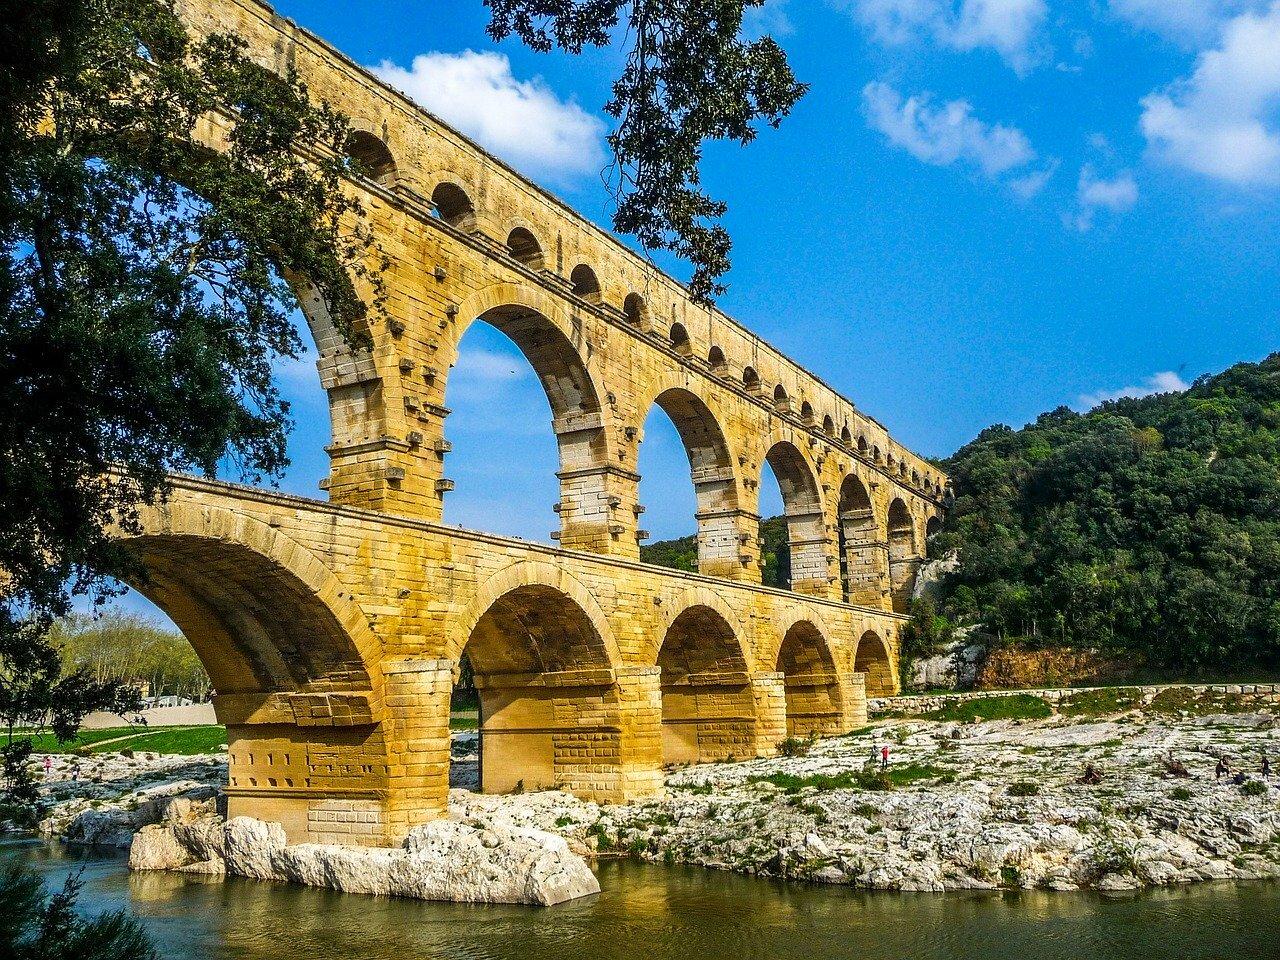 Pont du Gard ©2990108 CC0 Pixabay